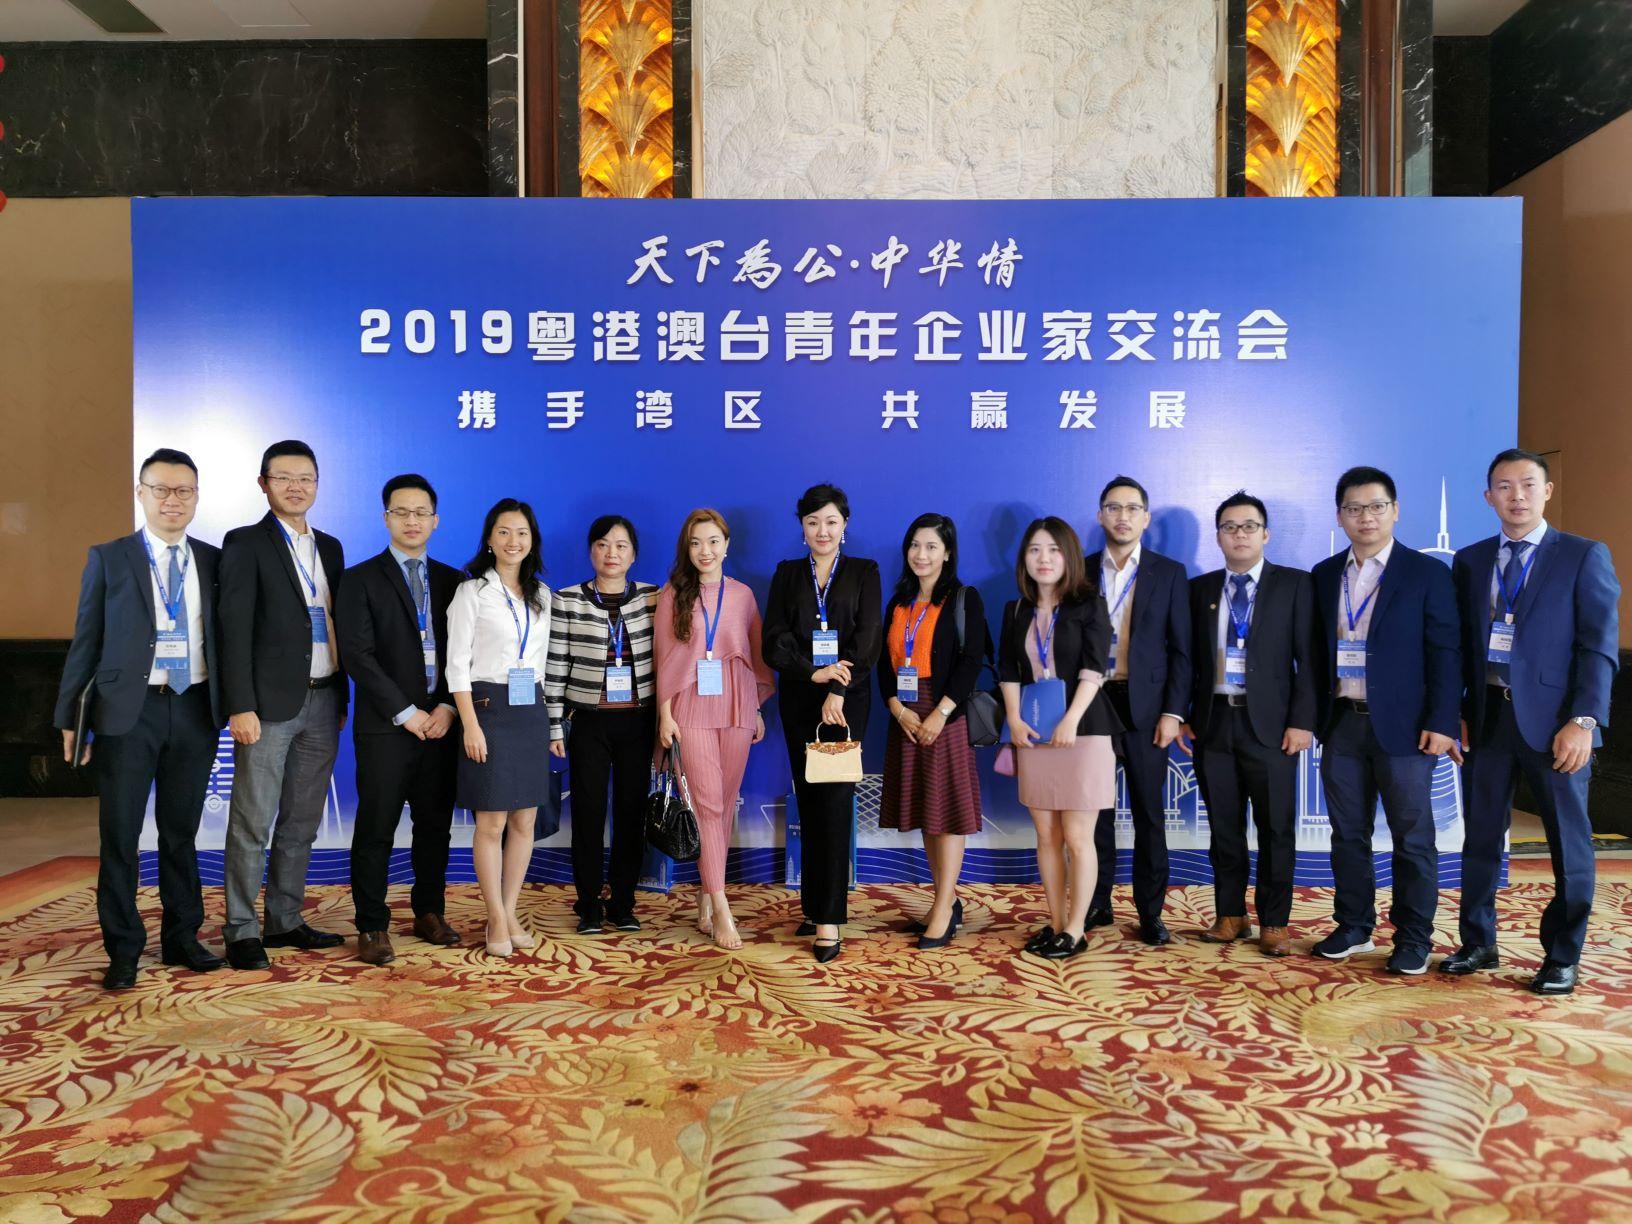 本會代表團出席2019粵港澳台青年企業家交流會s